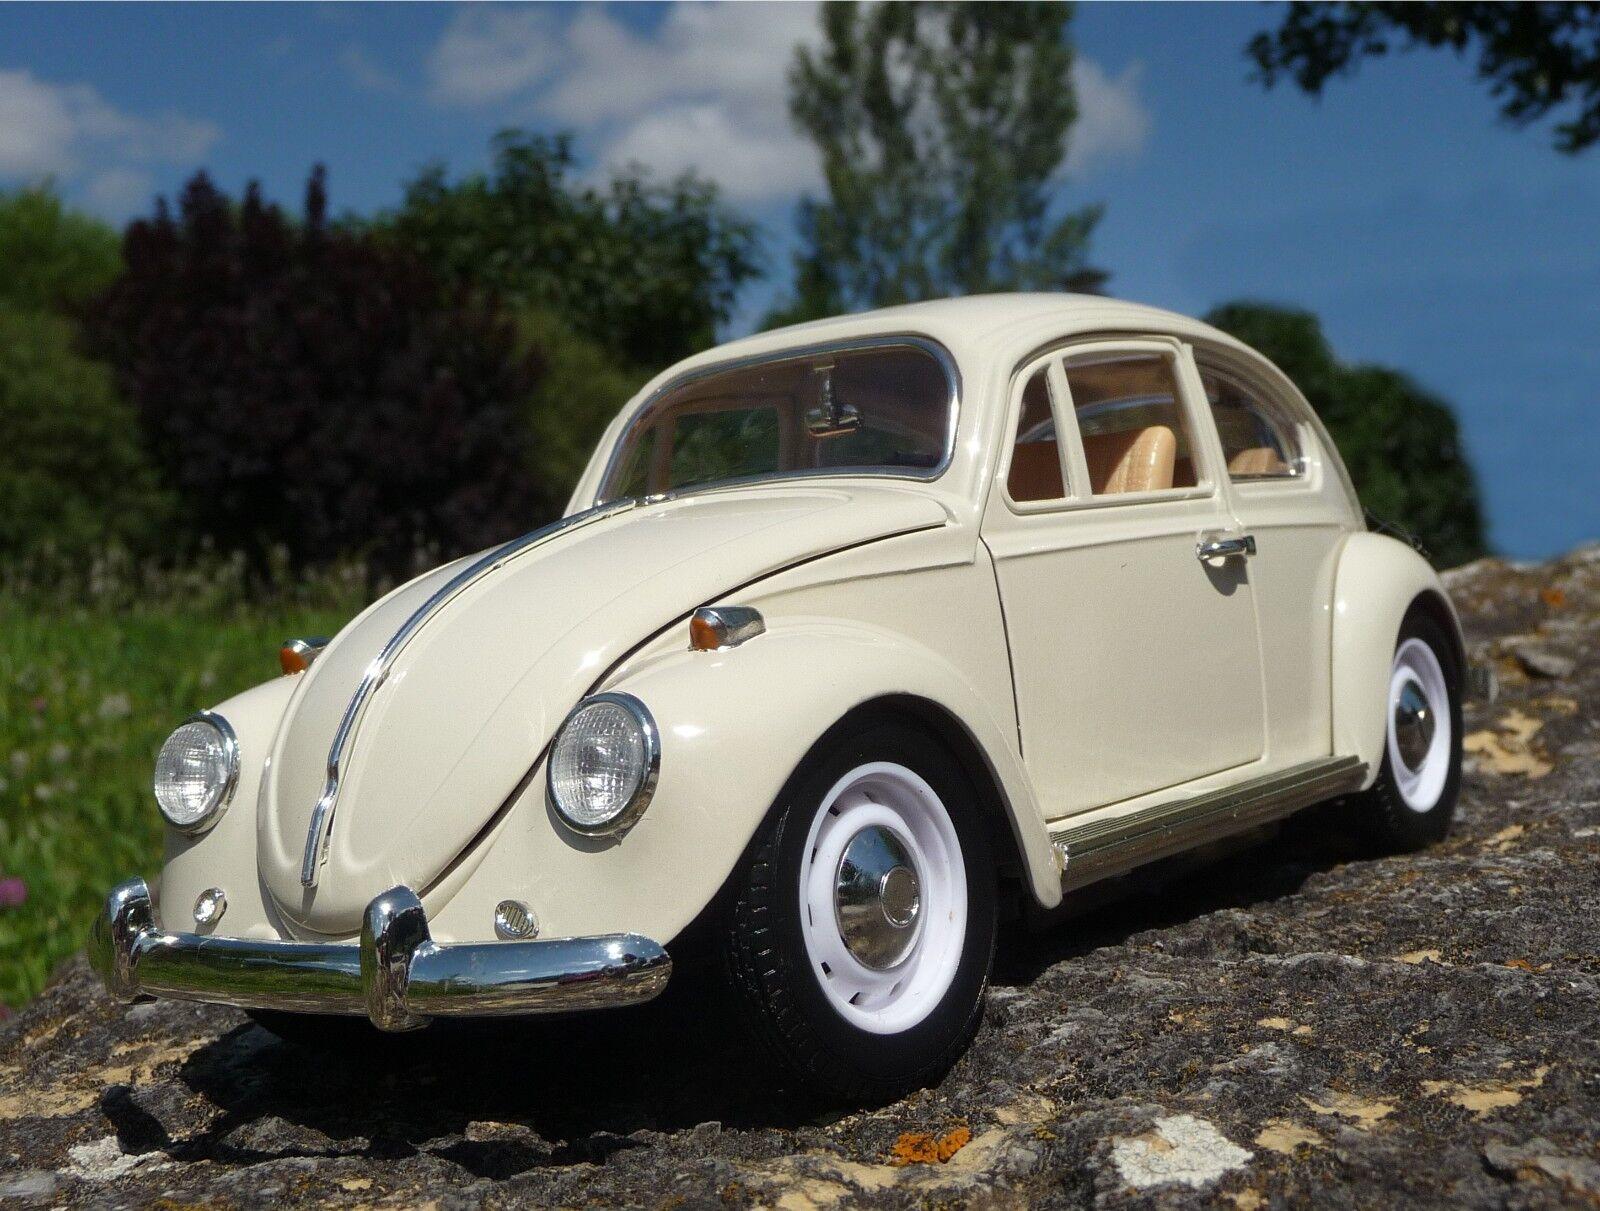 consegna gratuita RC VW Maggiolino modellololo 1300 1300 1300 classeic in crema lunghezza 23cm da postazione remota 40mhz 403031  miglior reputazione